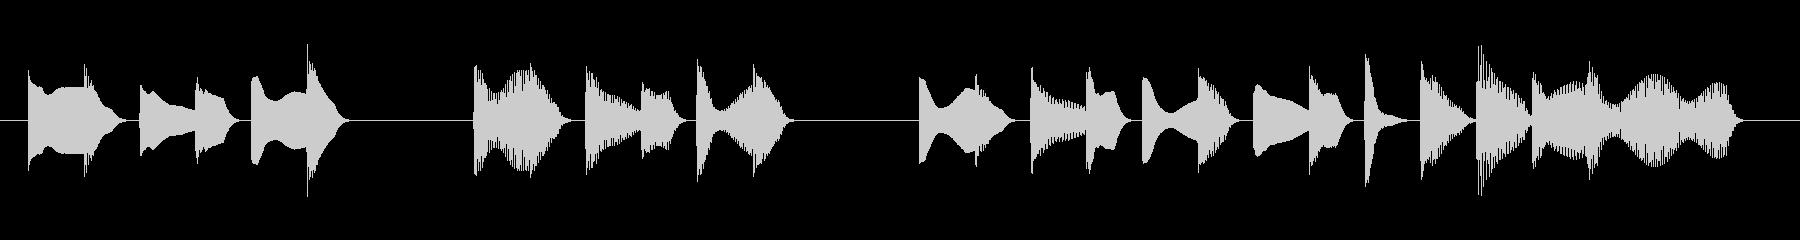 困る のんびり アイキャッチ#2の未再生の波形